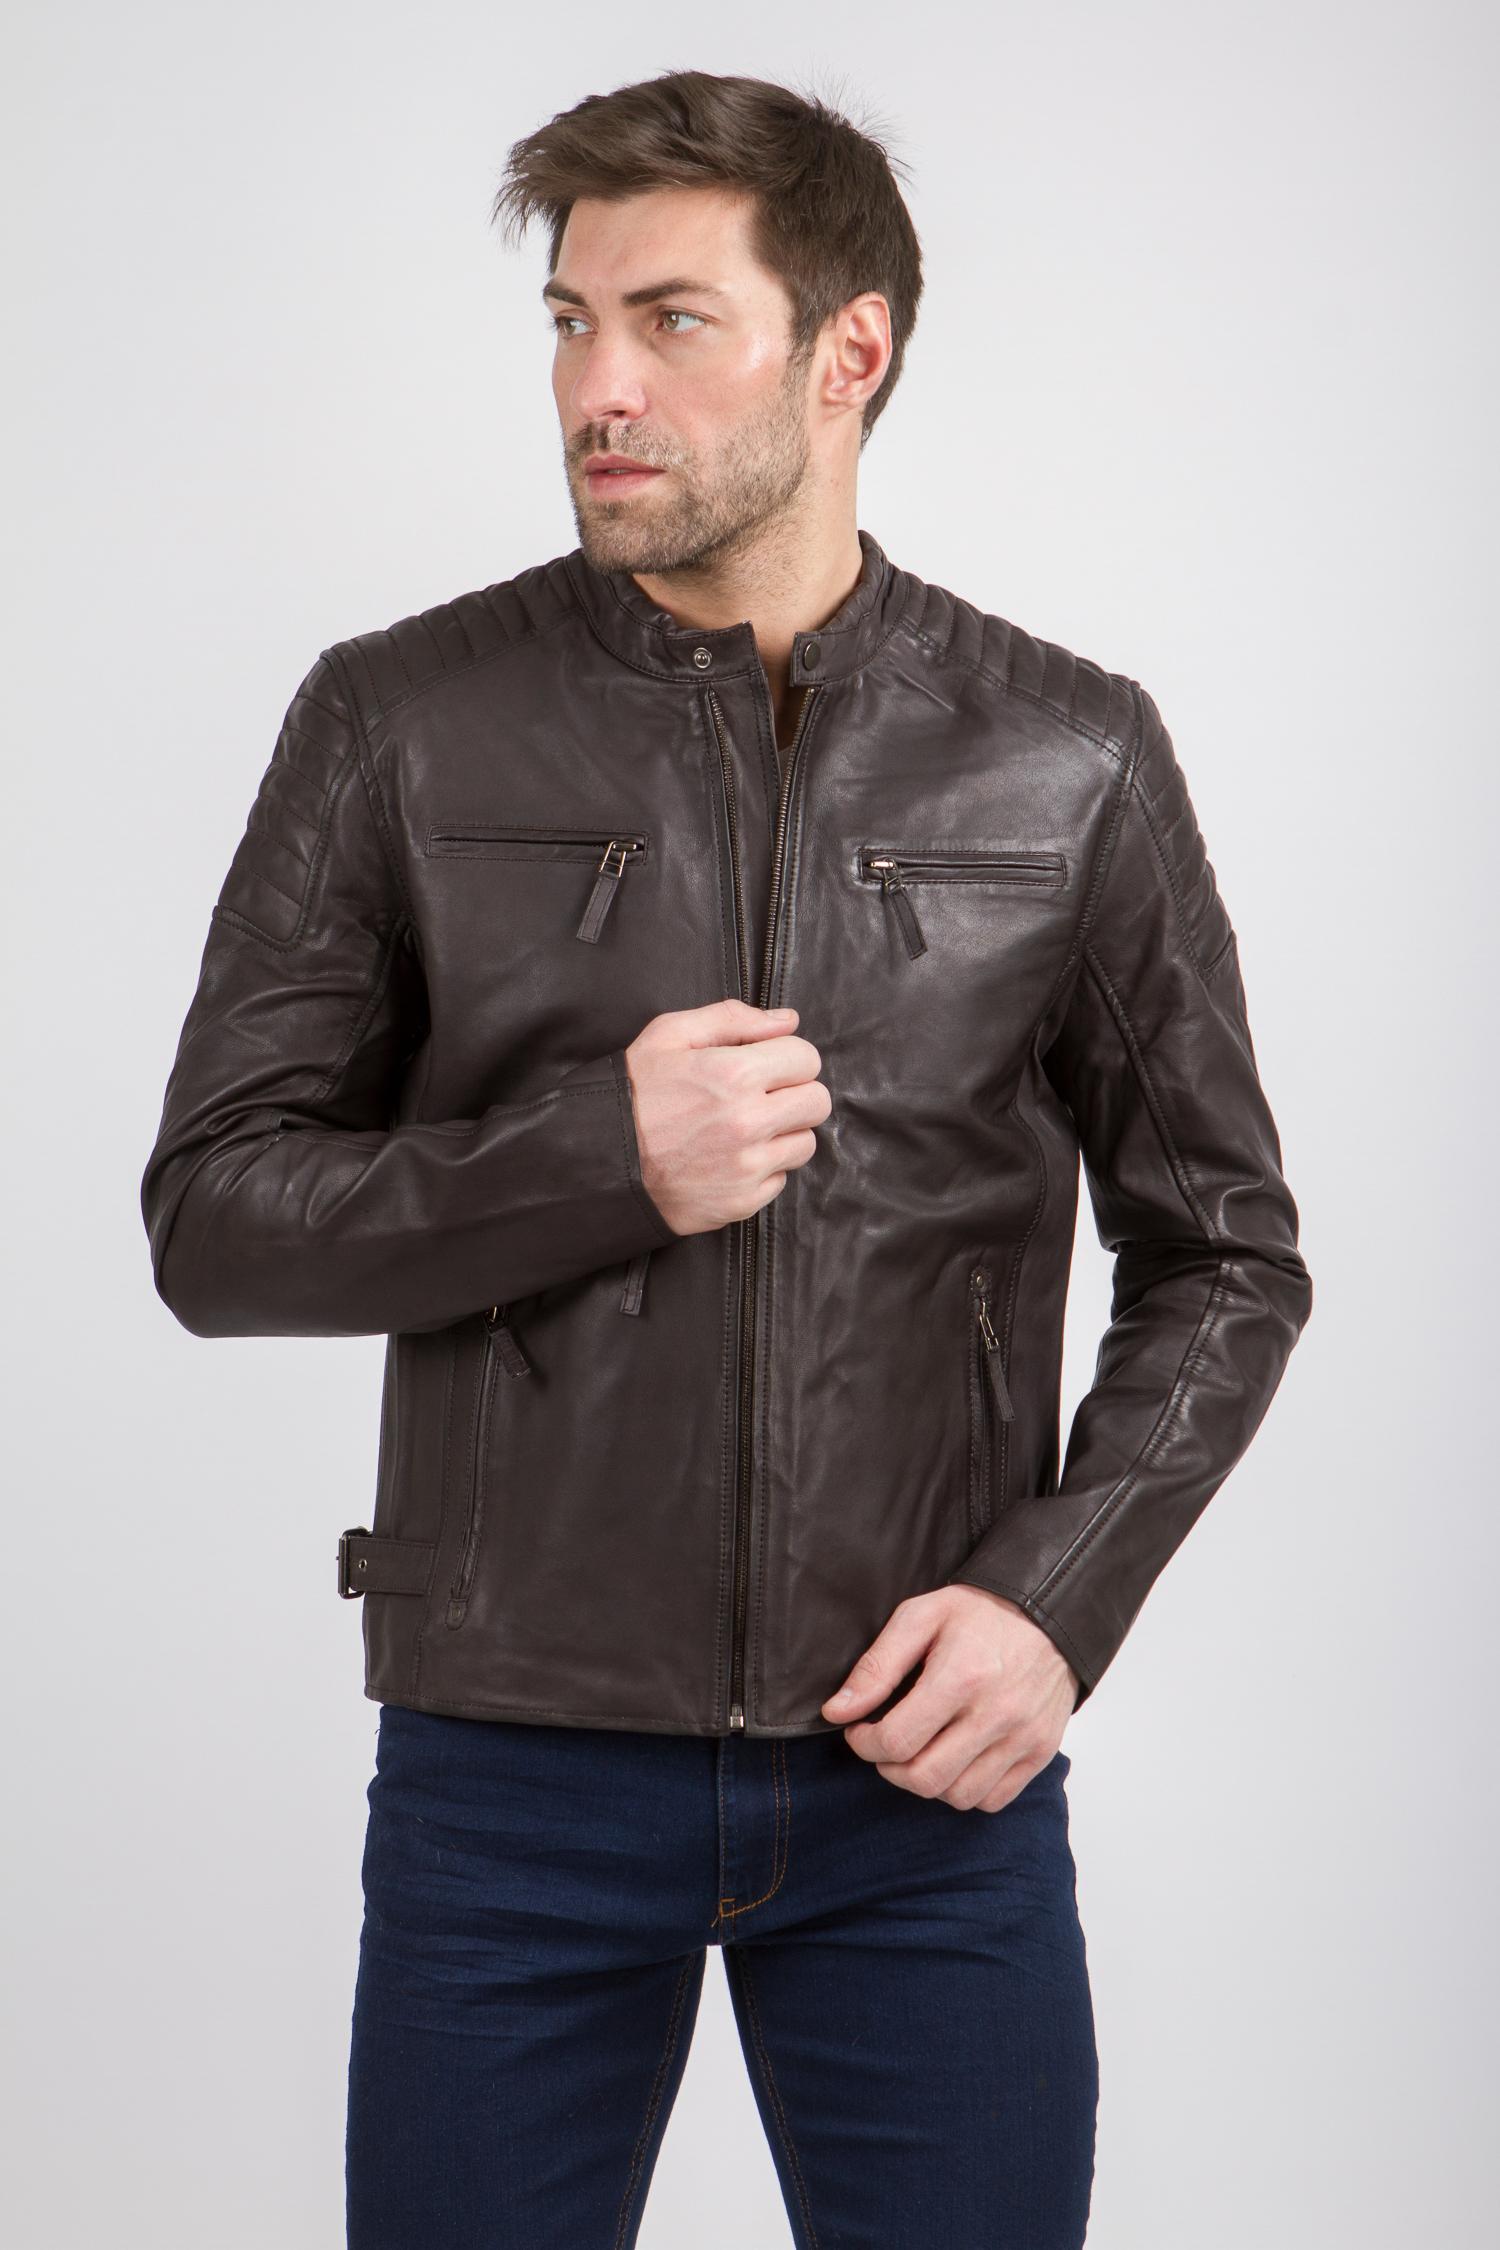 Мужская кожаная куртка из натуральной кожи с воротником, без отделки<br><br>Воротник: стойка<br>Длина см: Короткая (51-74 )<br>Материал: Кожа овчина<br>Цвет: коричневый<br>Вид застежки: центральная<br>Застежка: на молнии<br>Пол: Мужской<br>Размер RU: 58